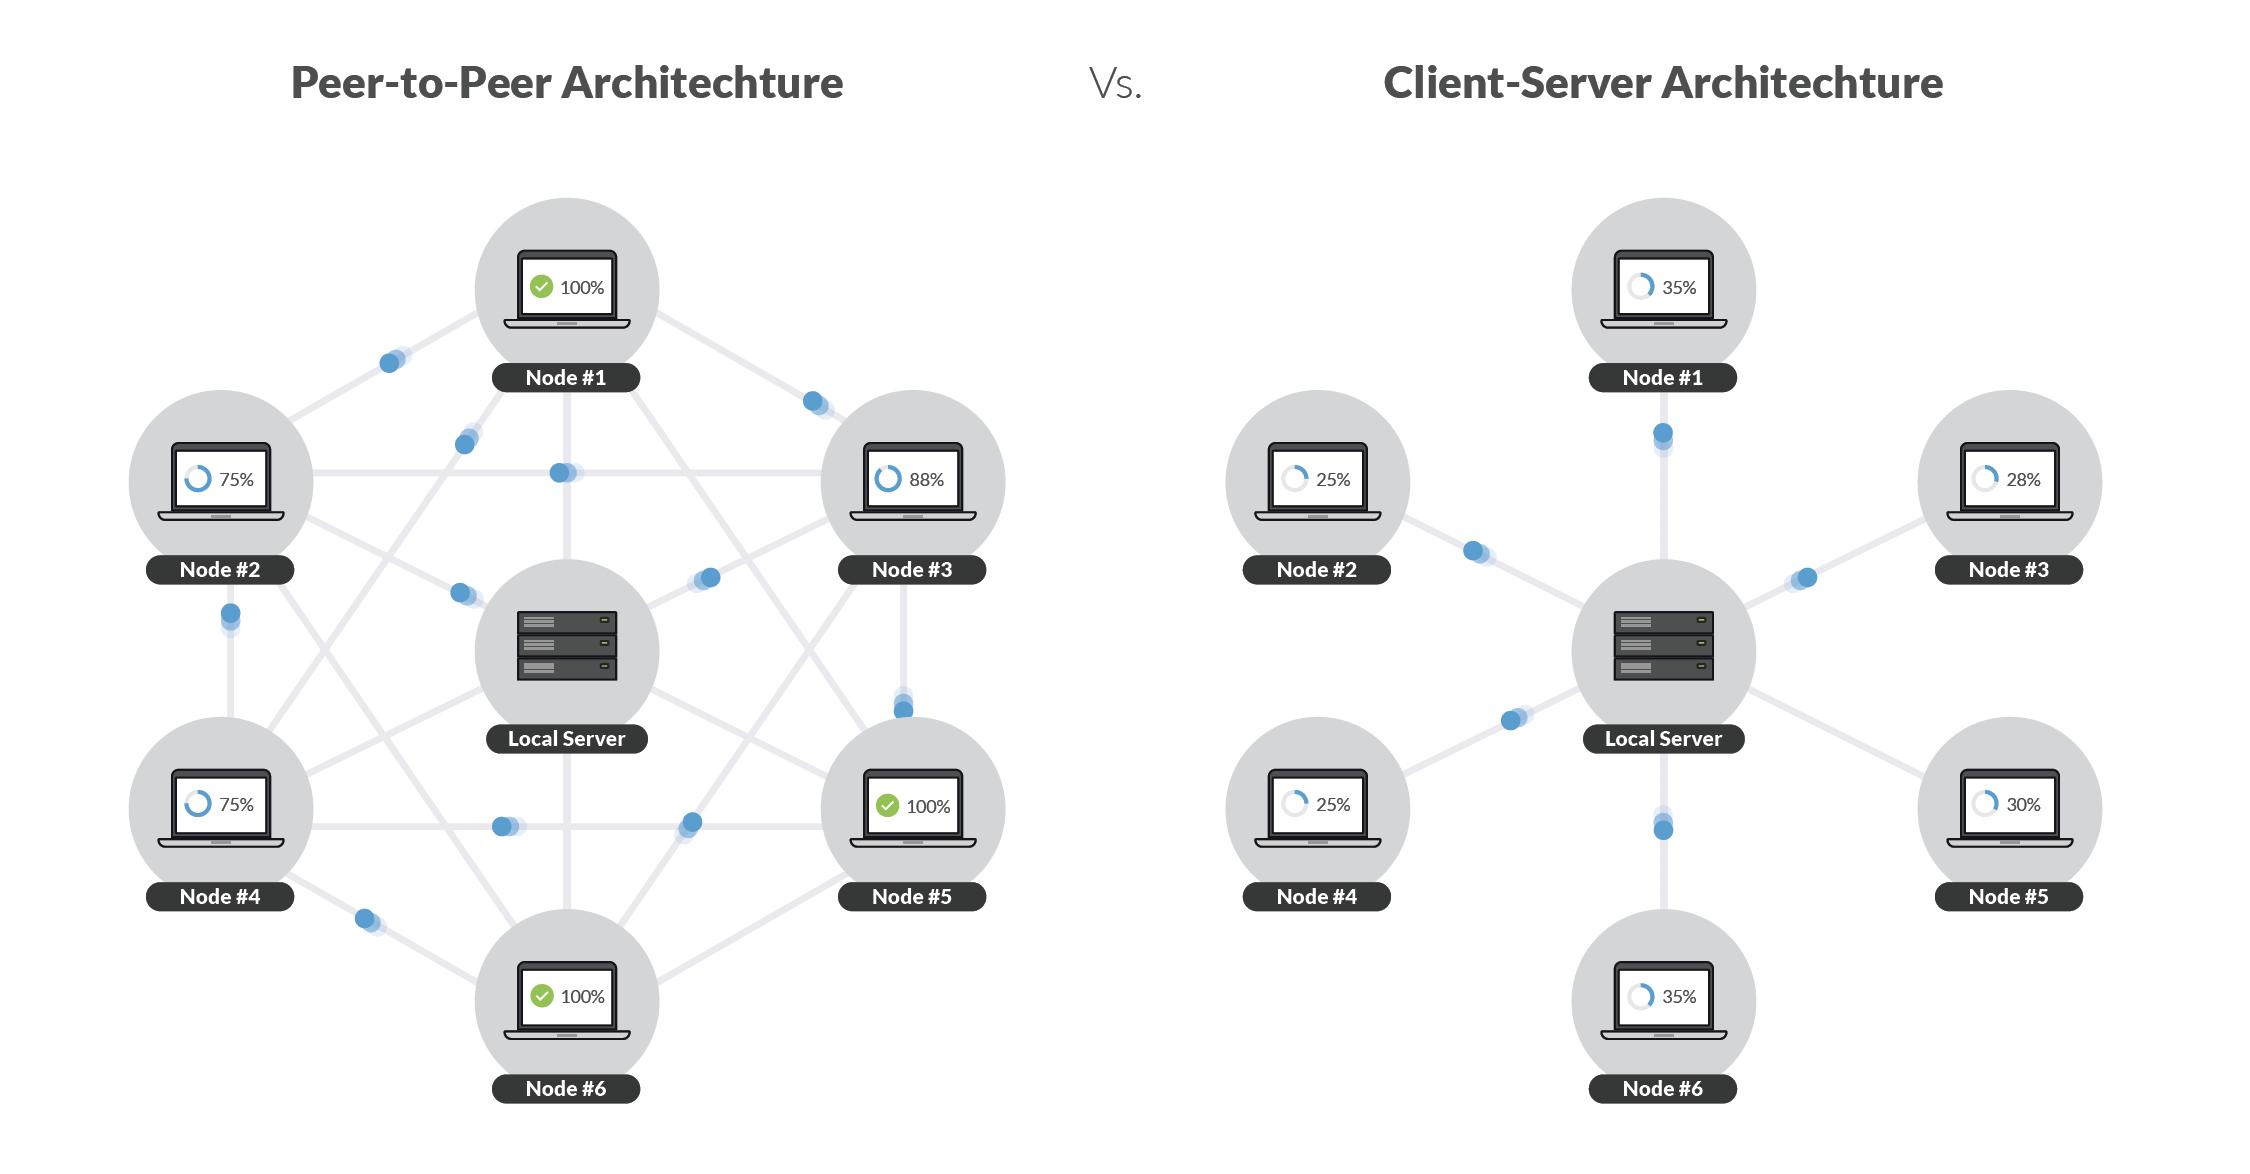 P2P vs Client-Server